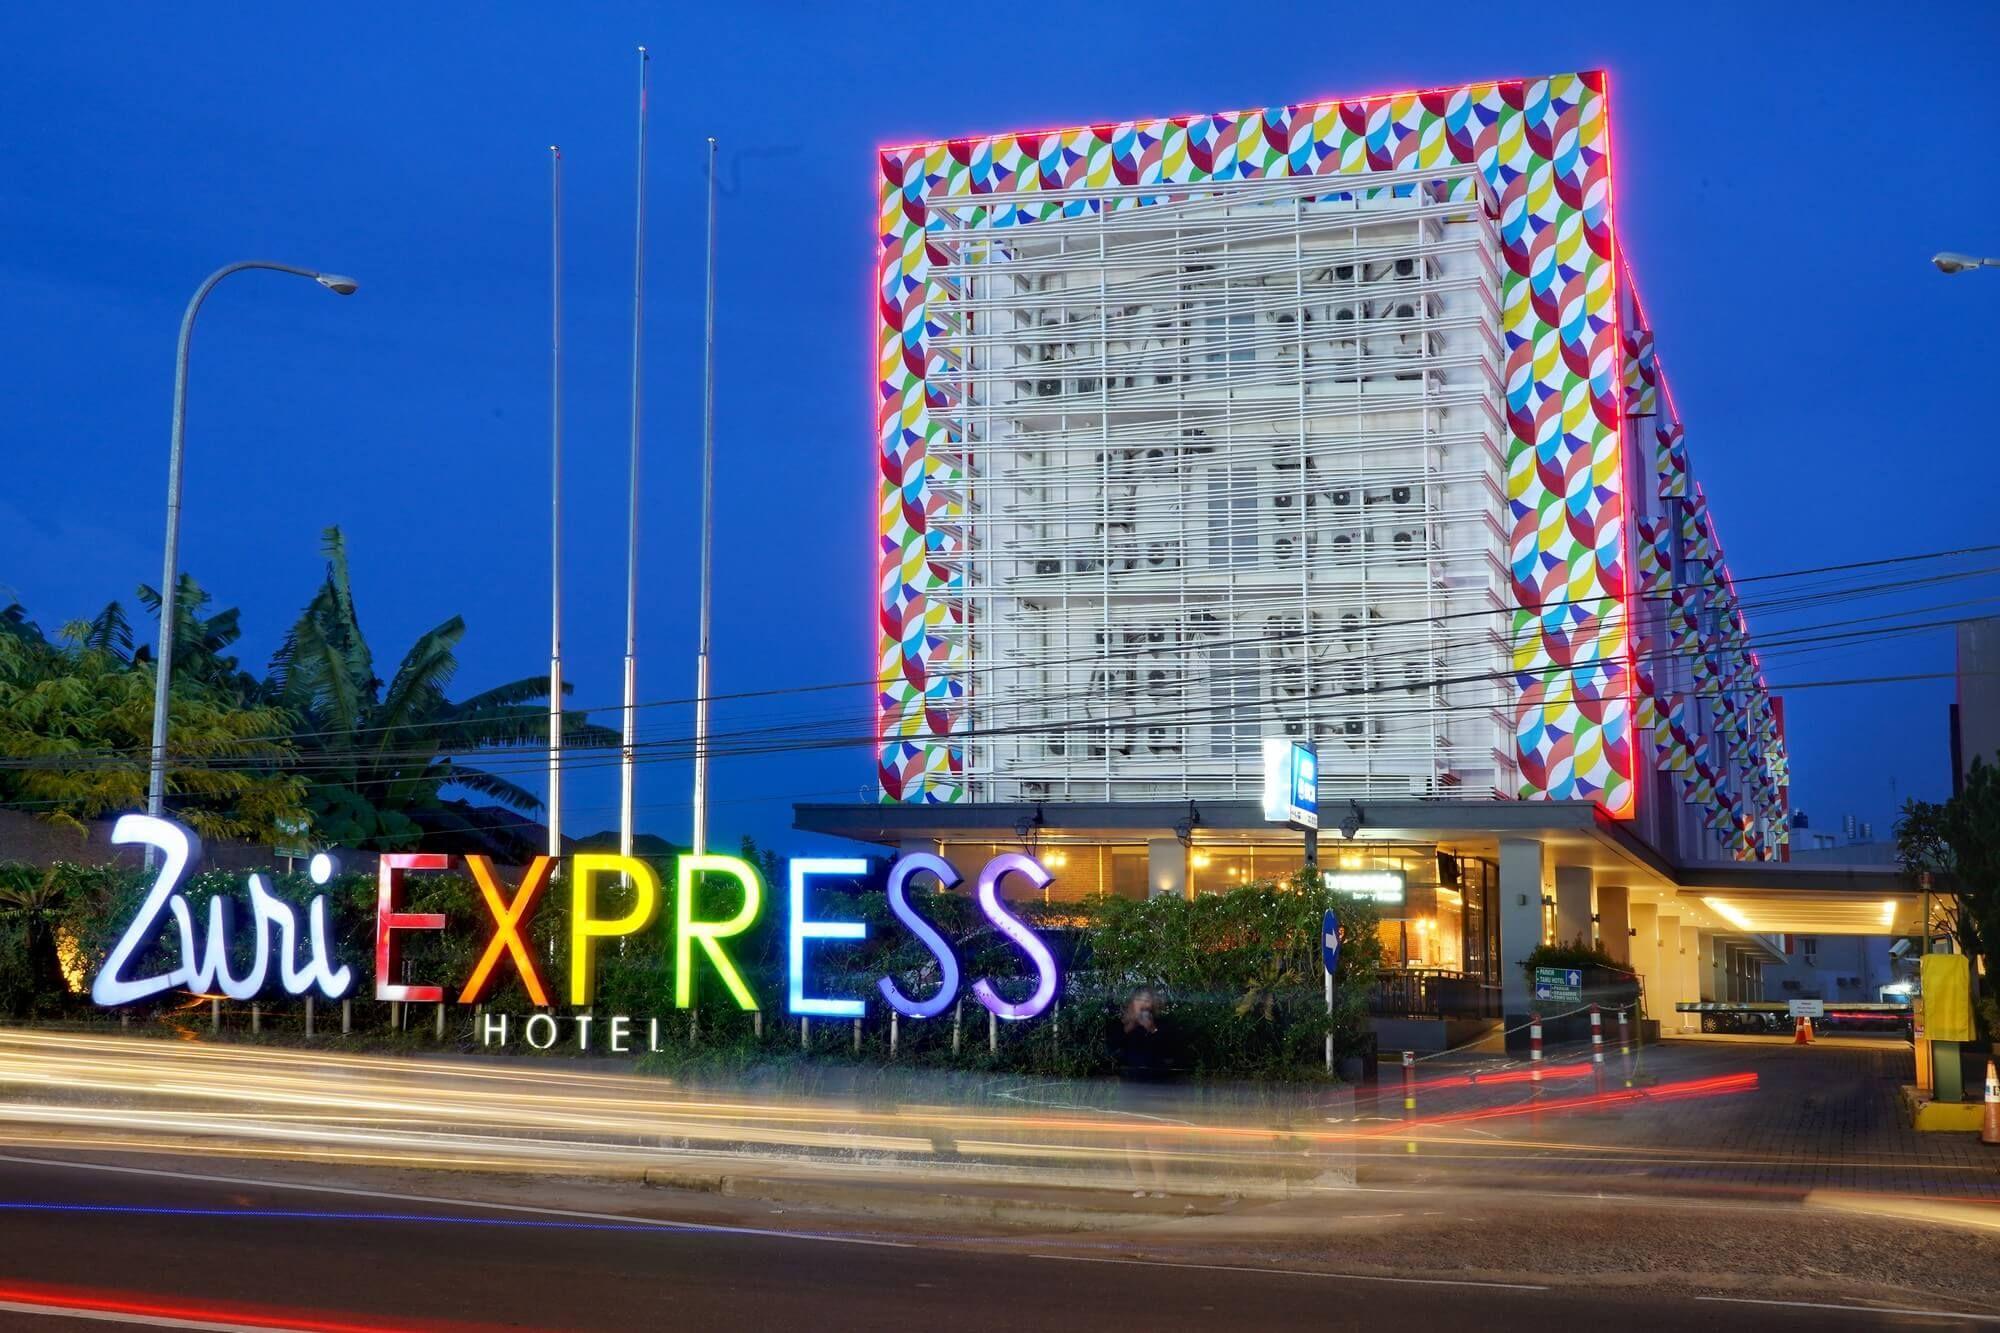 Zuri Express Palembang,Binus University